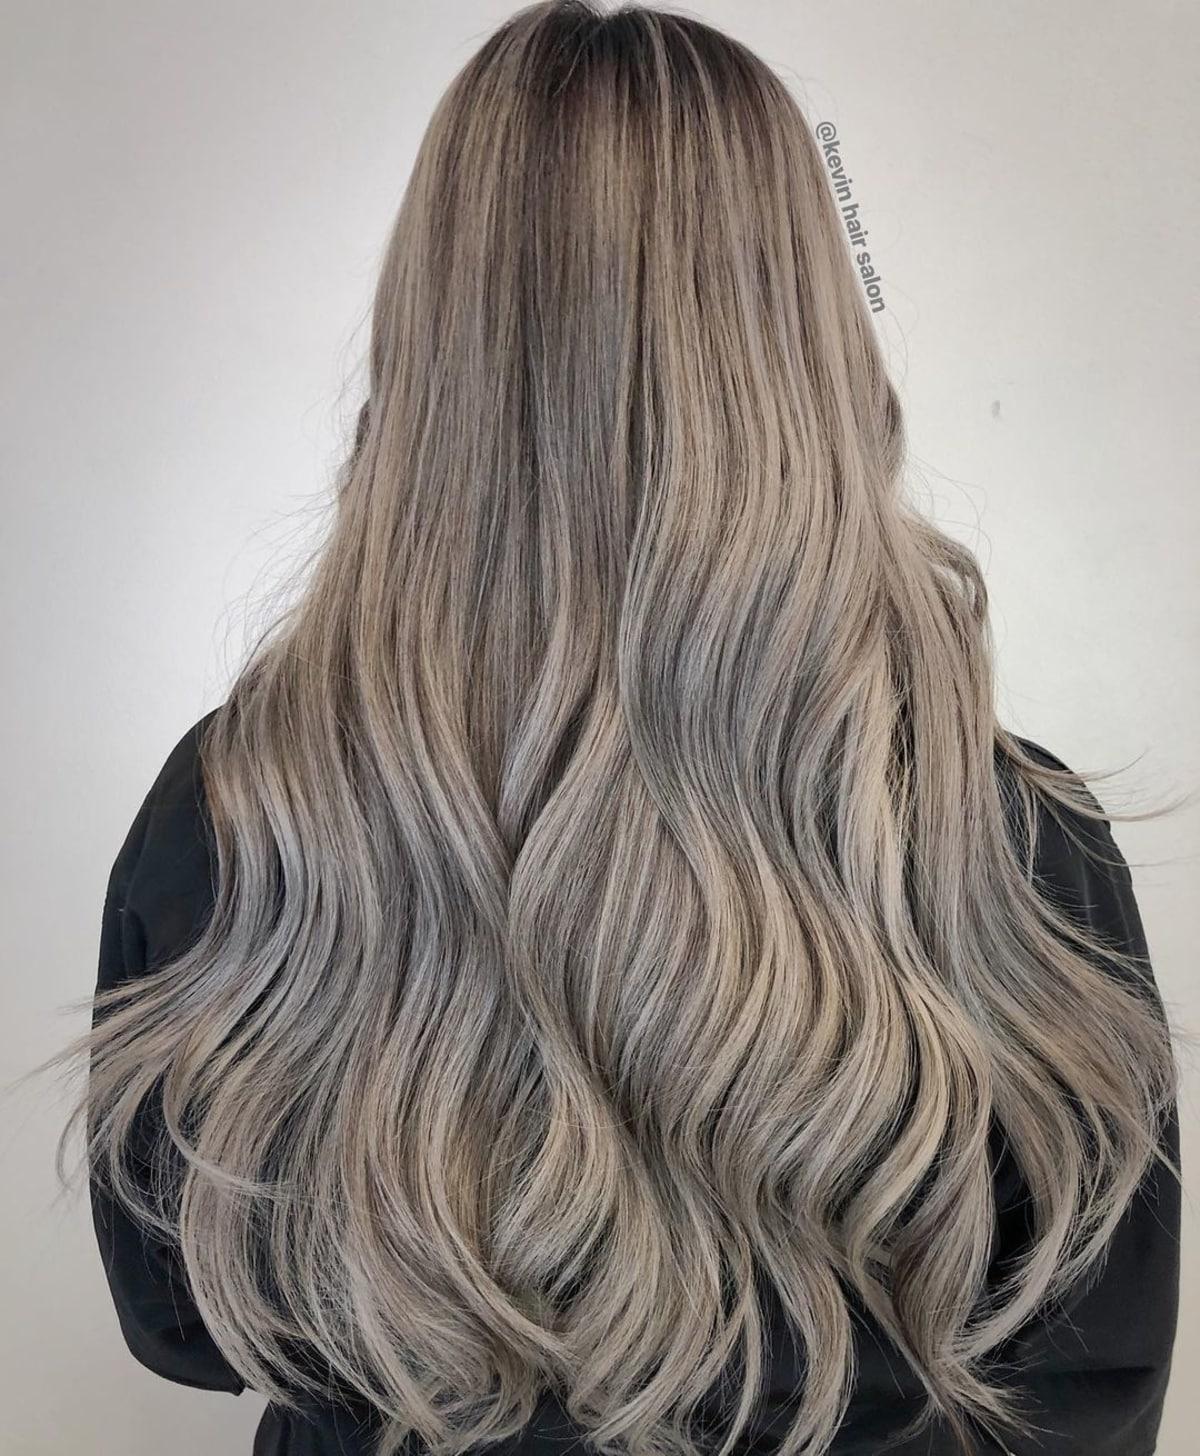 blond cendré foncé sur les femmes aux cheveux bruns